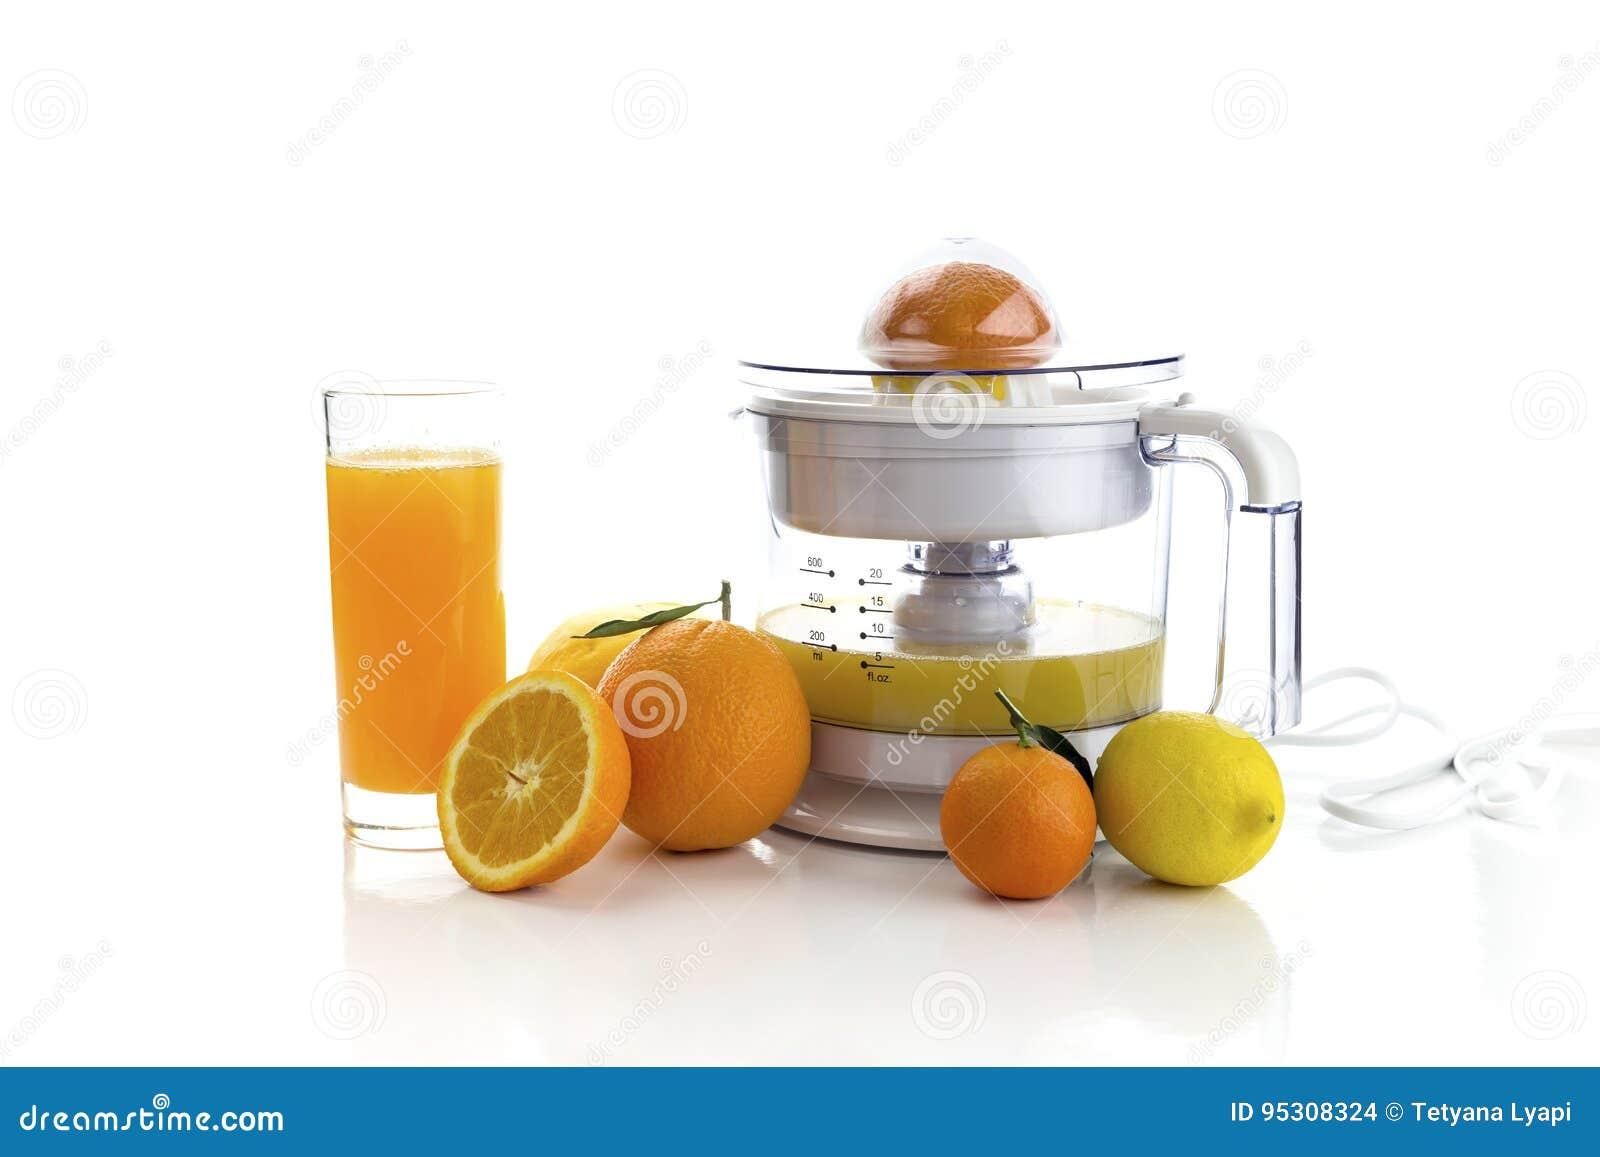 Elektrische citrusvrucht juicer